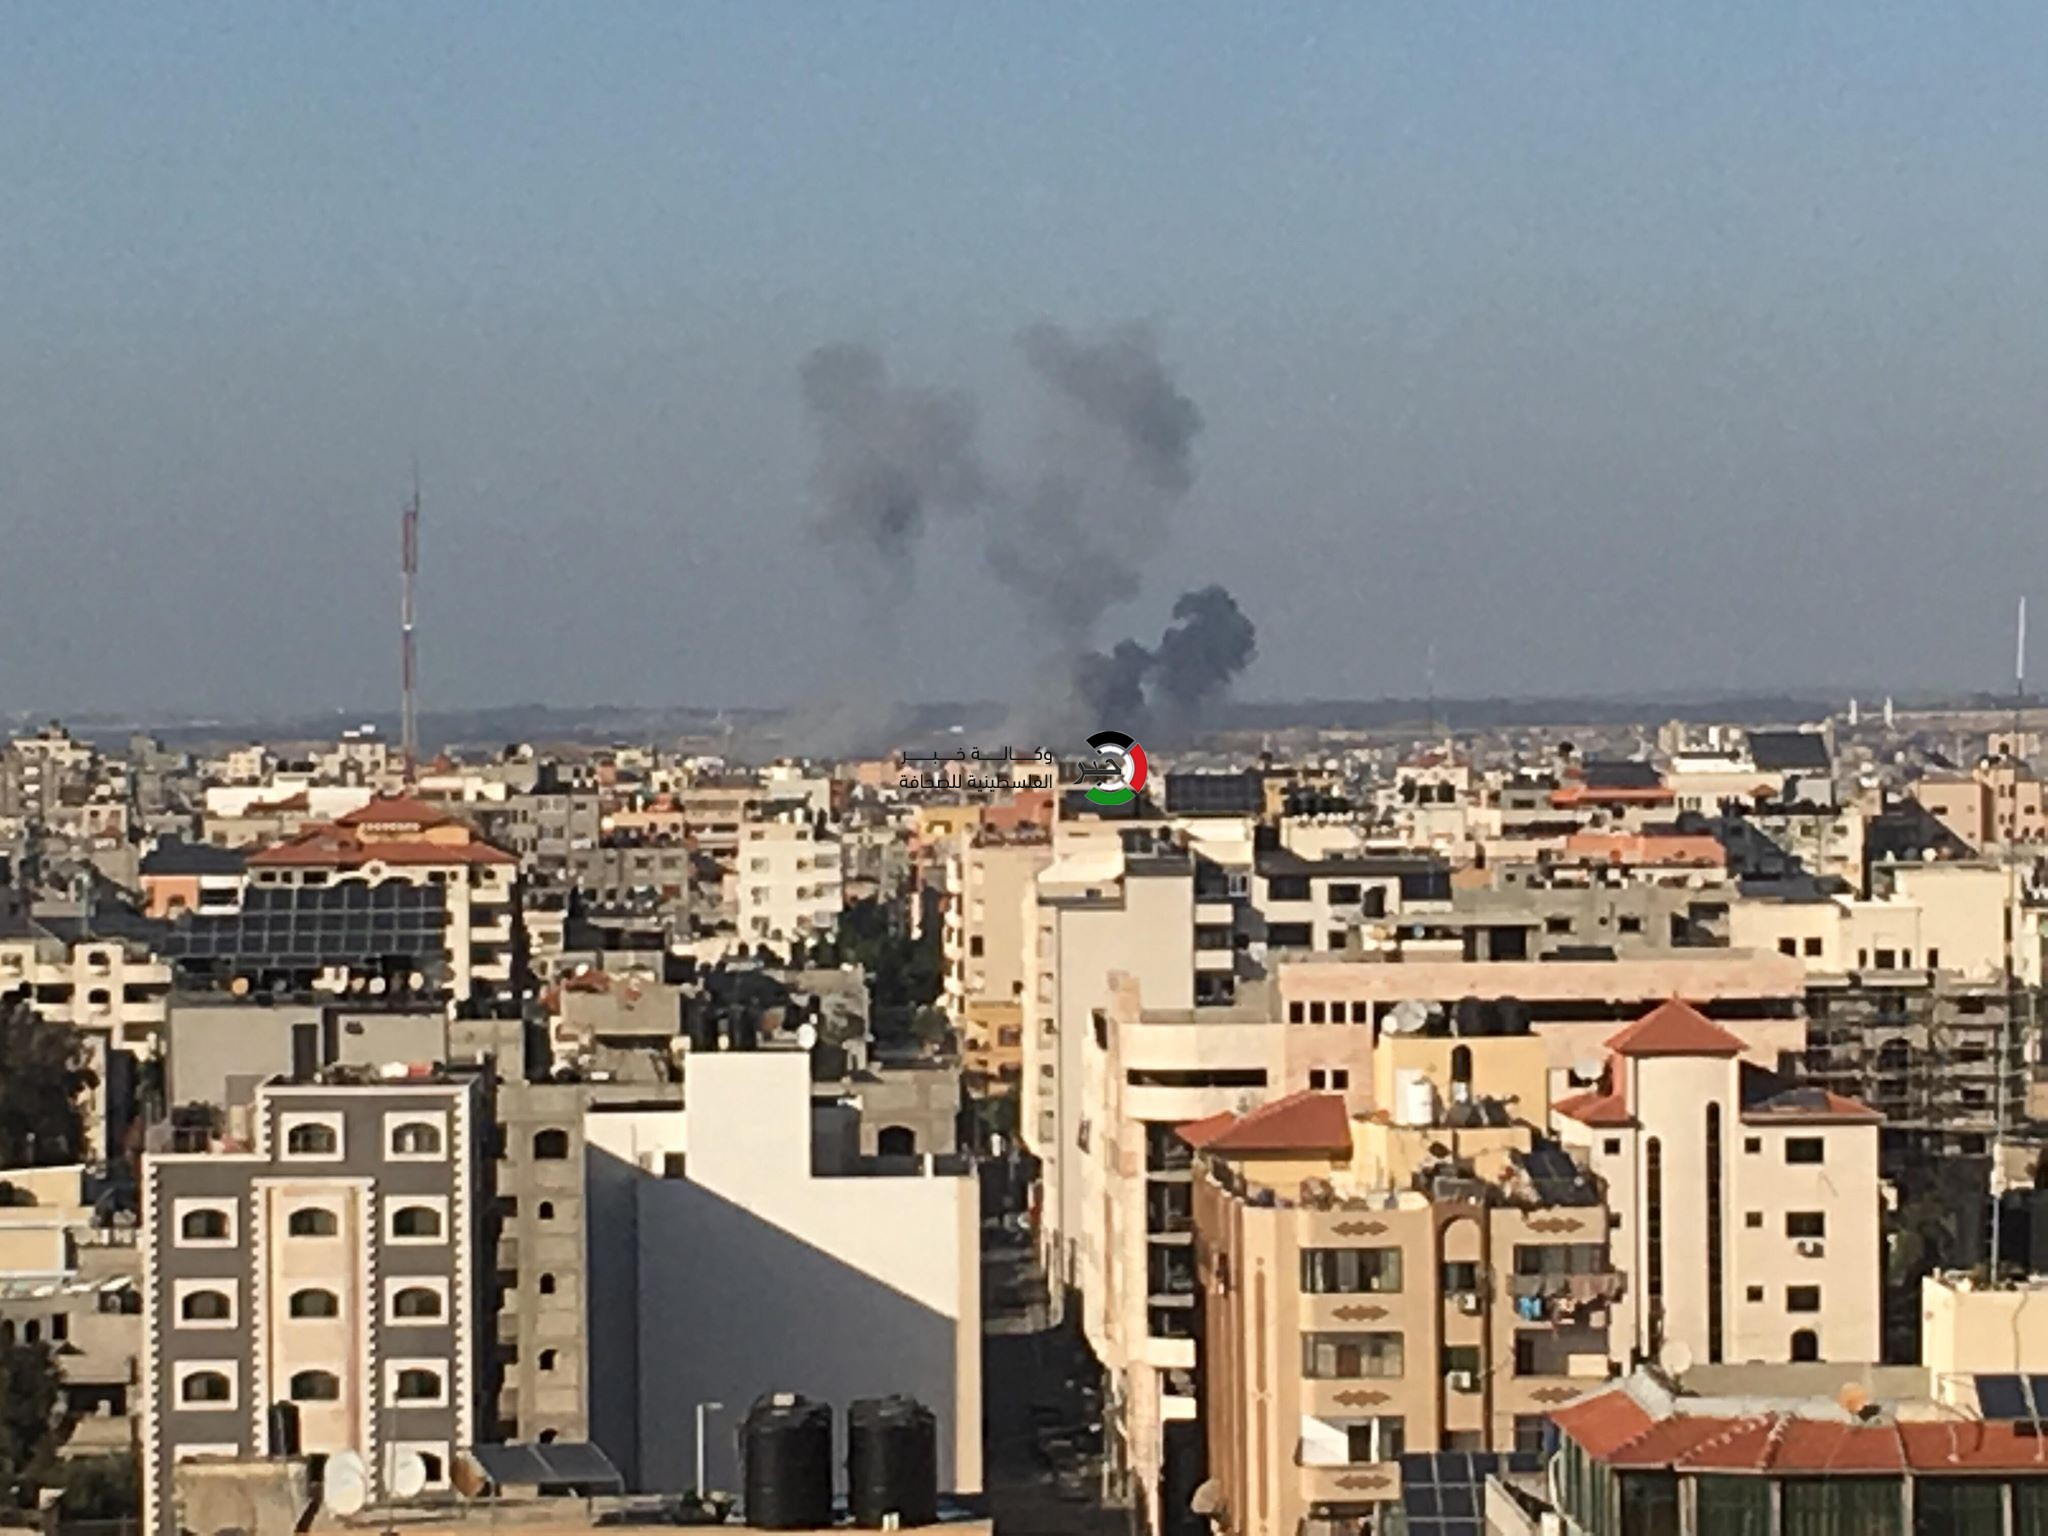 محدث بالصور: 3 شهداء بينهم طفلة ووالدتها بقصف إسرائيلي مستمر على قطاع غزّة